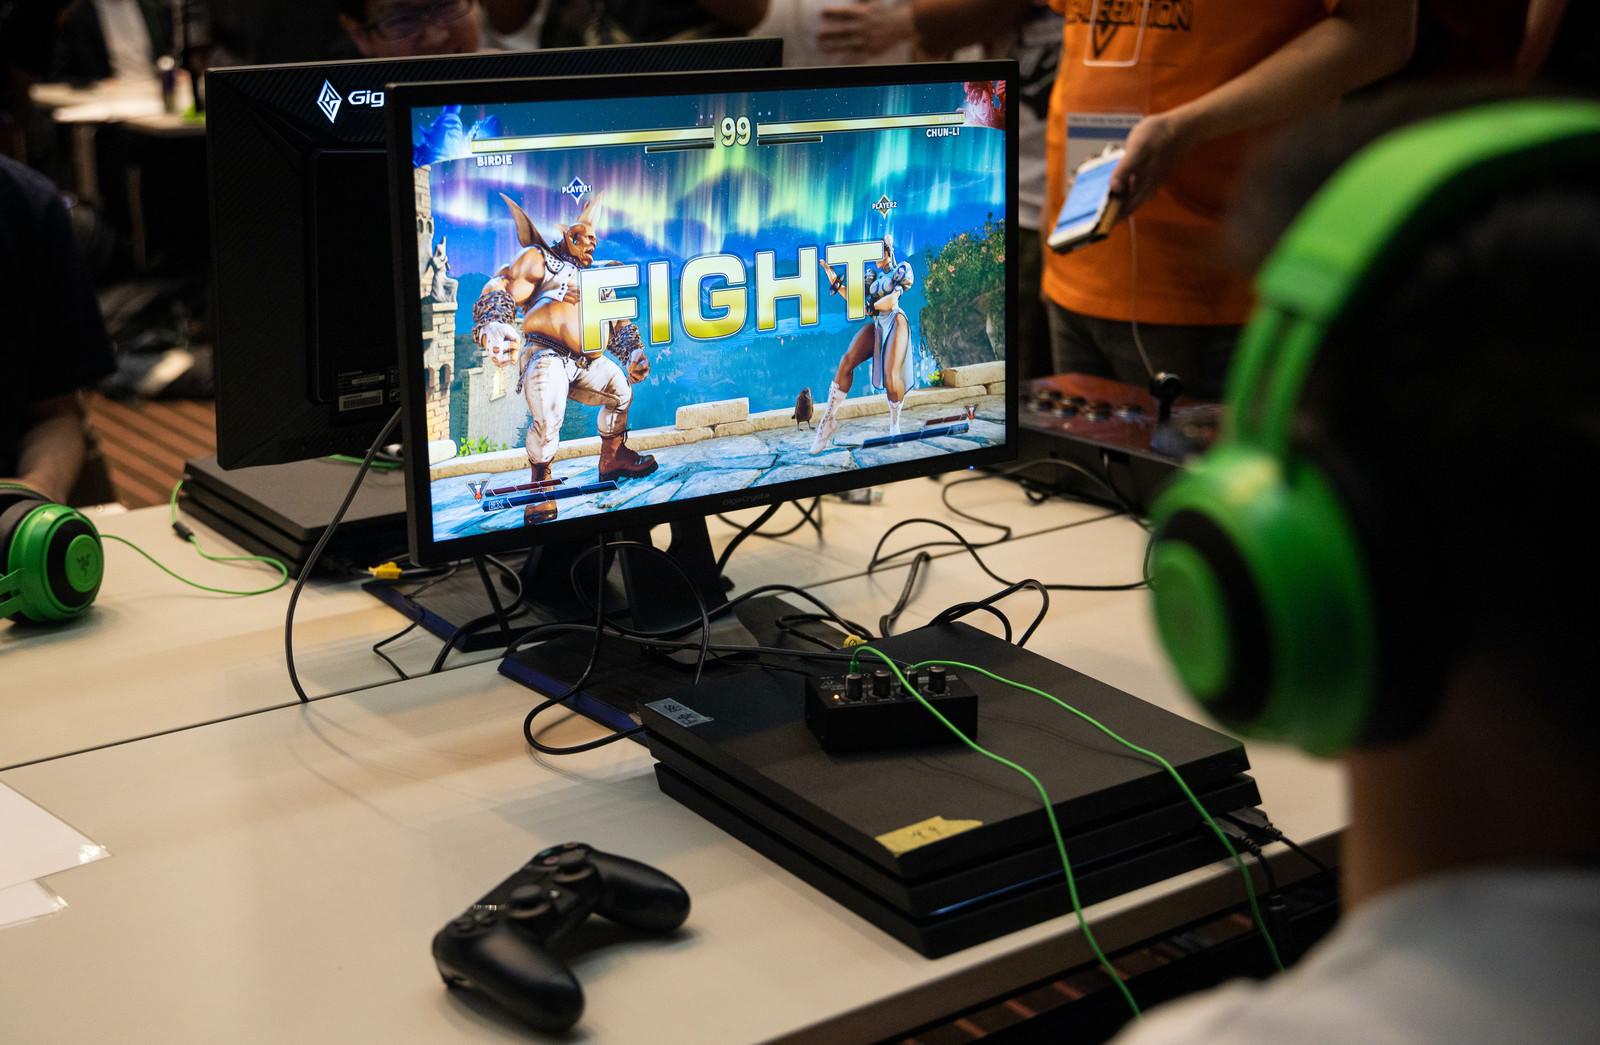 「対戦スタート「FIGHT」 - CAPCOM Pro Tour 2019 アジアプレミア」の写真